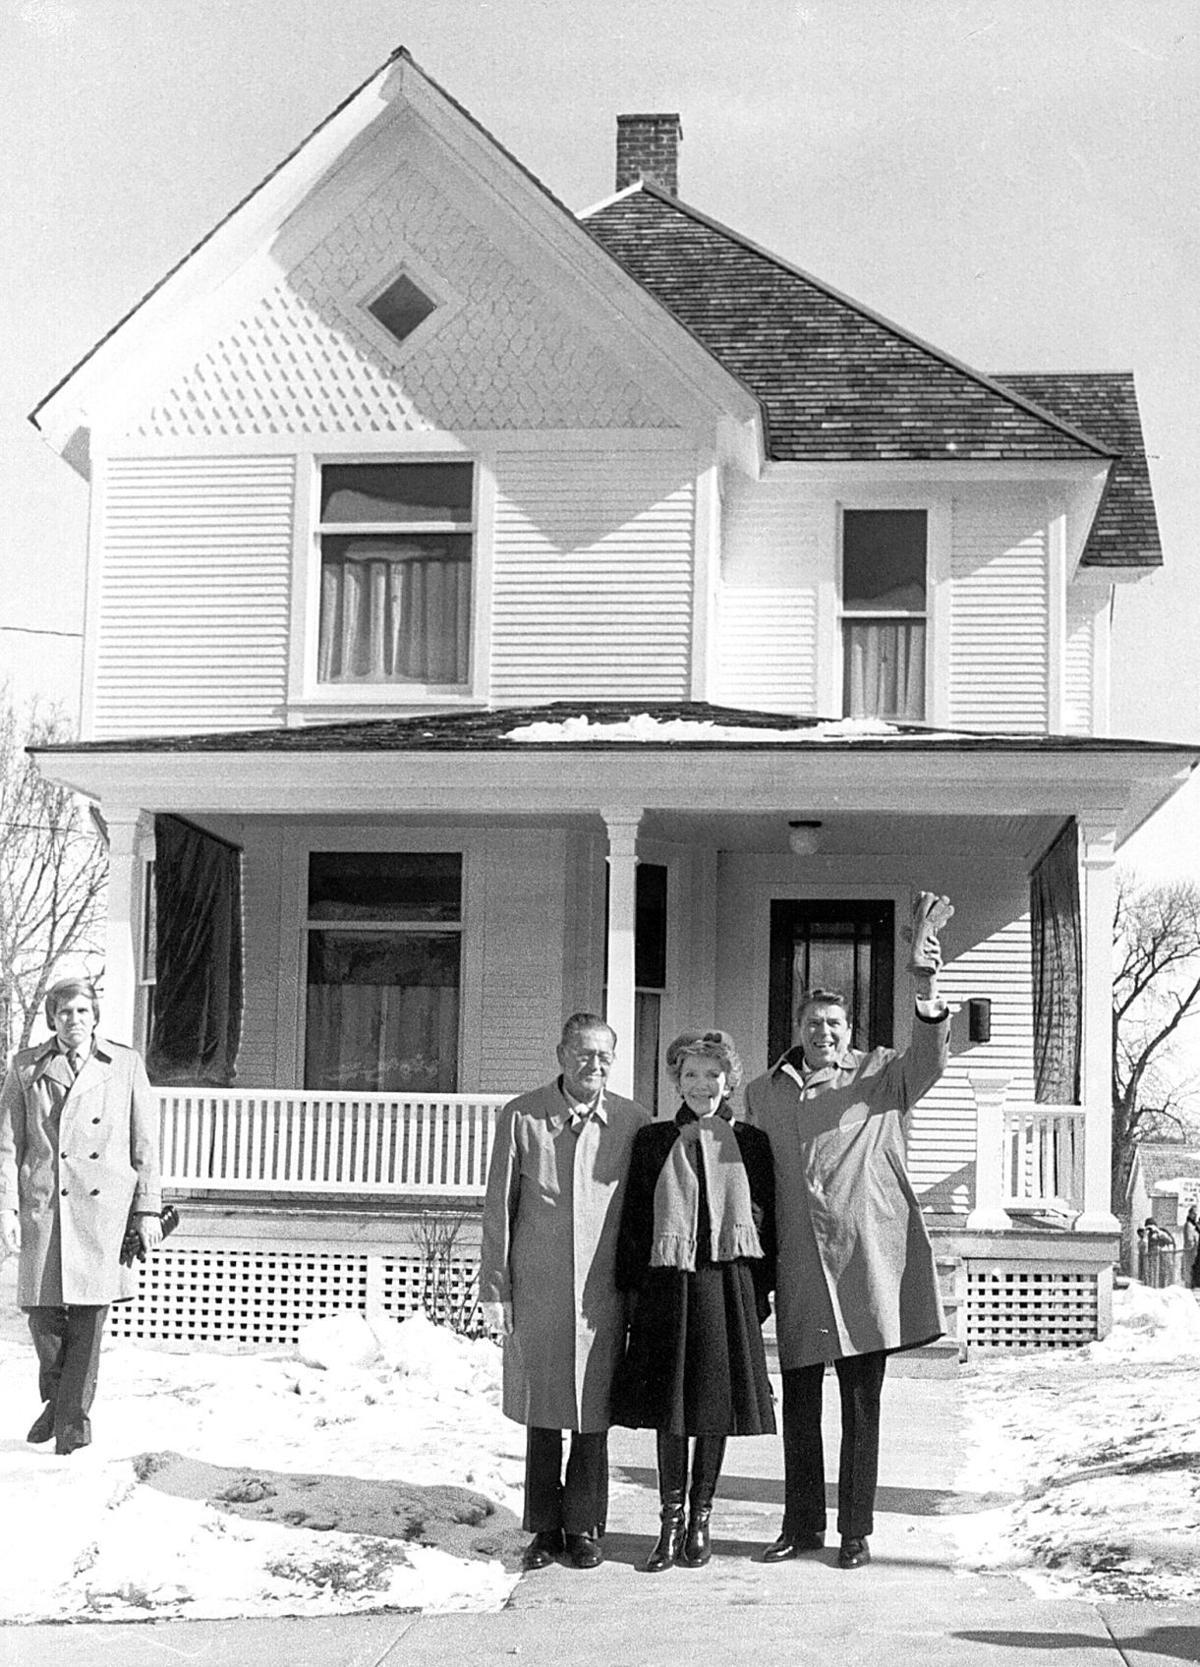 Reagan-Boyhood home